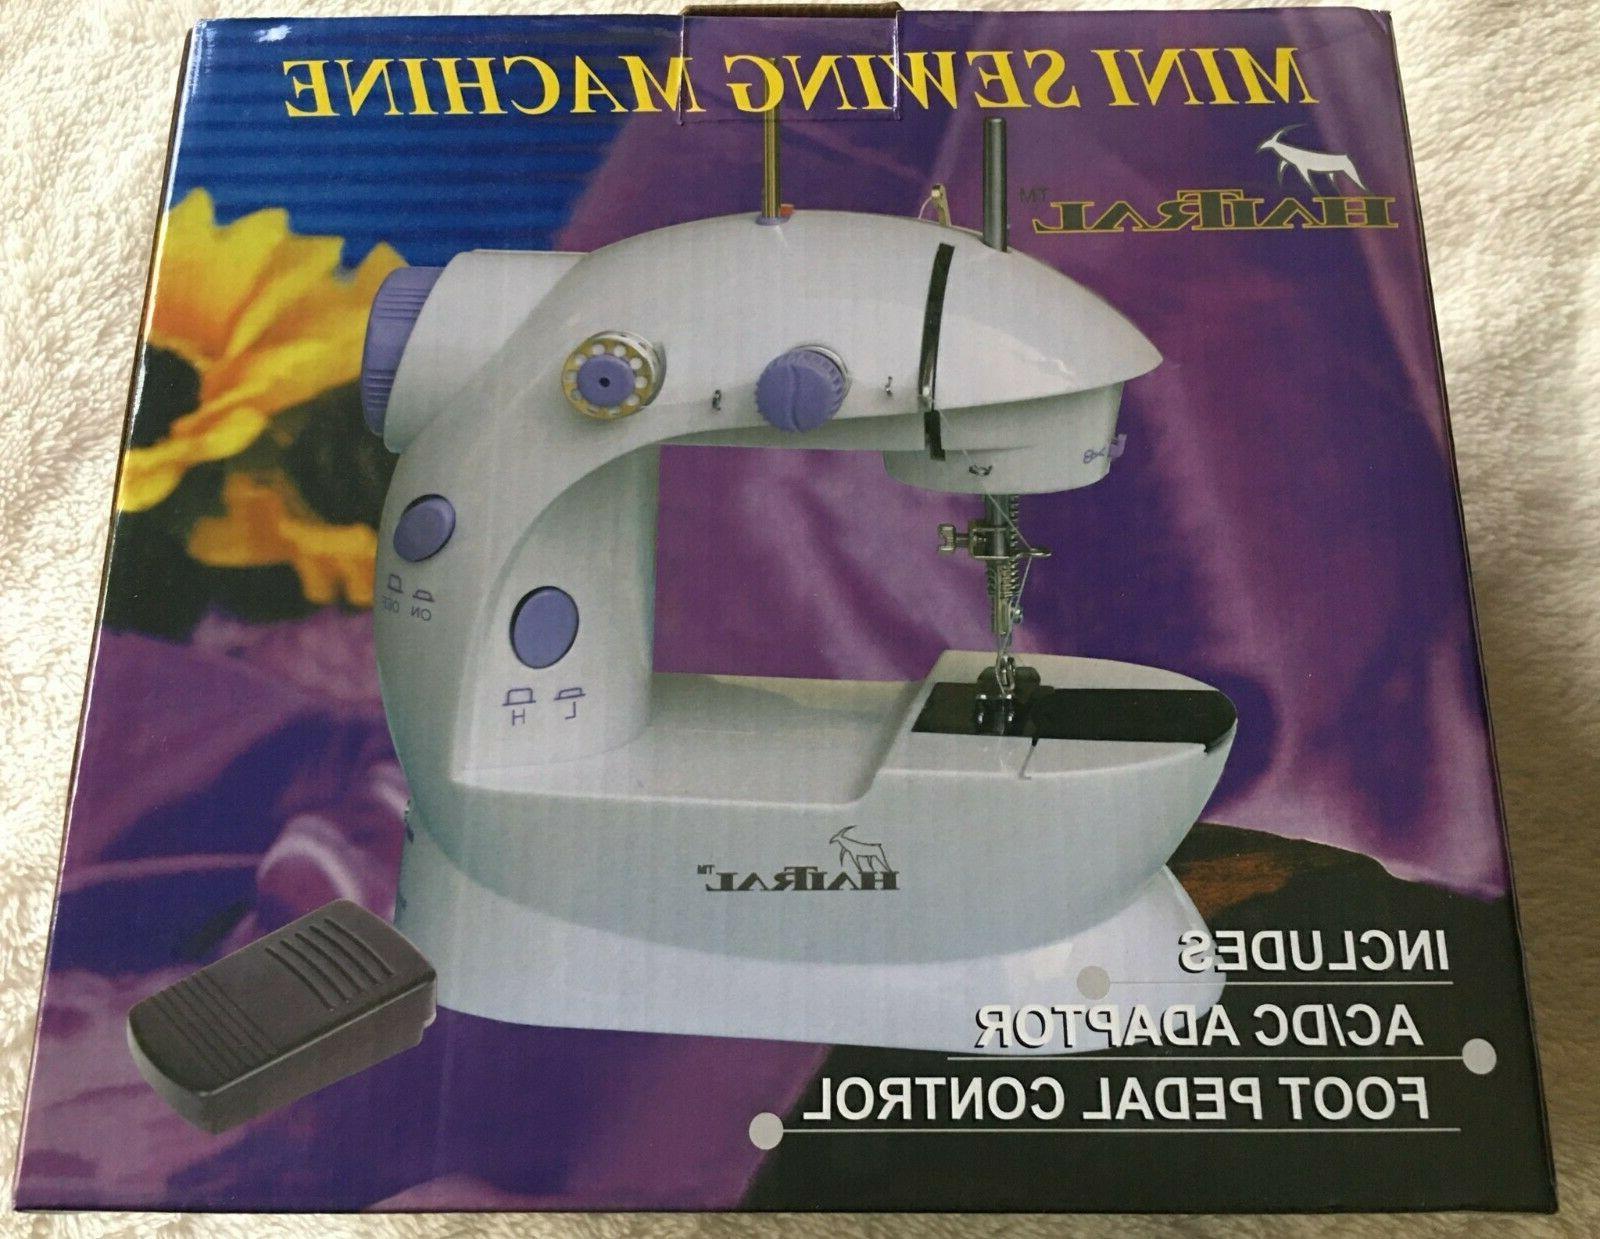 mini sewing machine fhsm 202 includesac dc